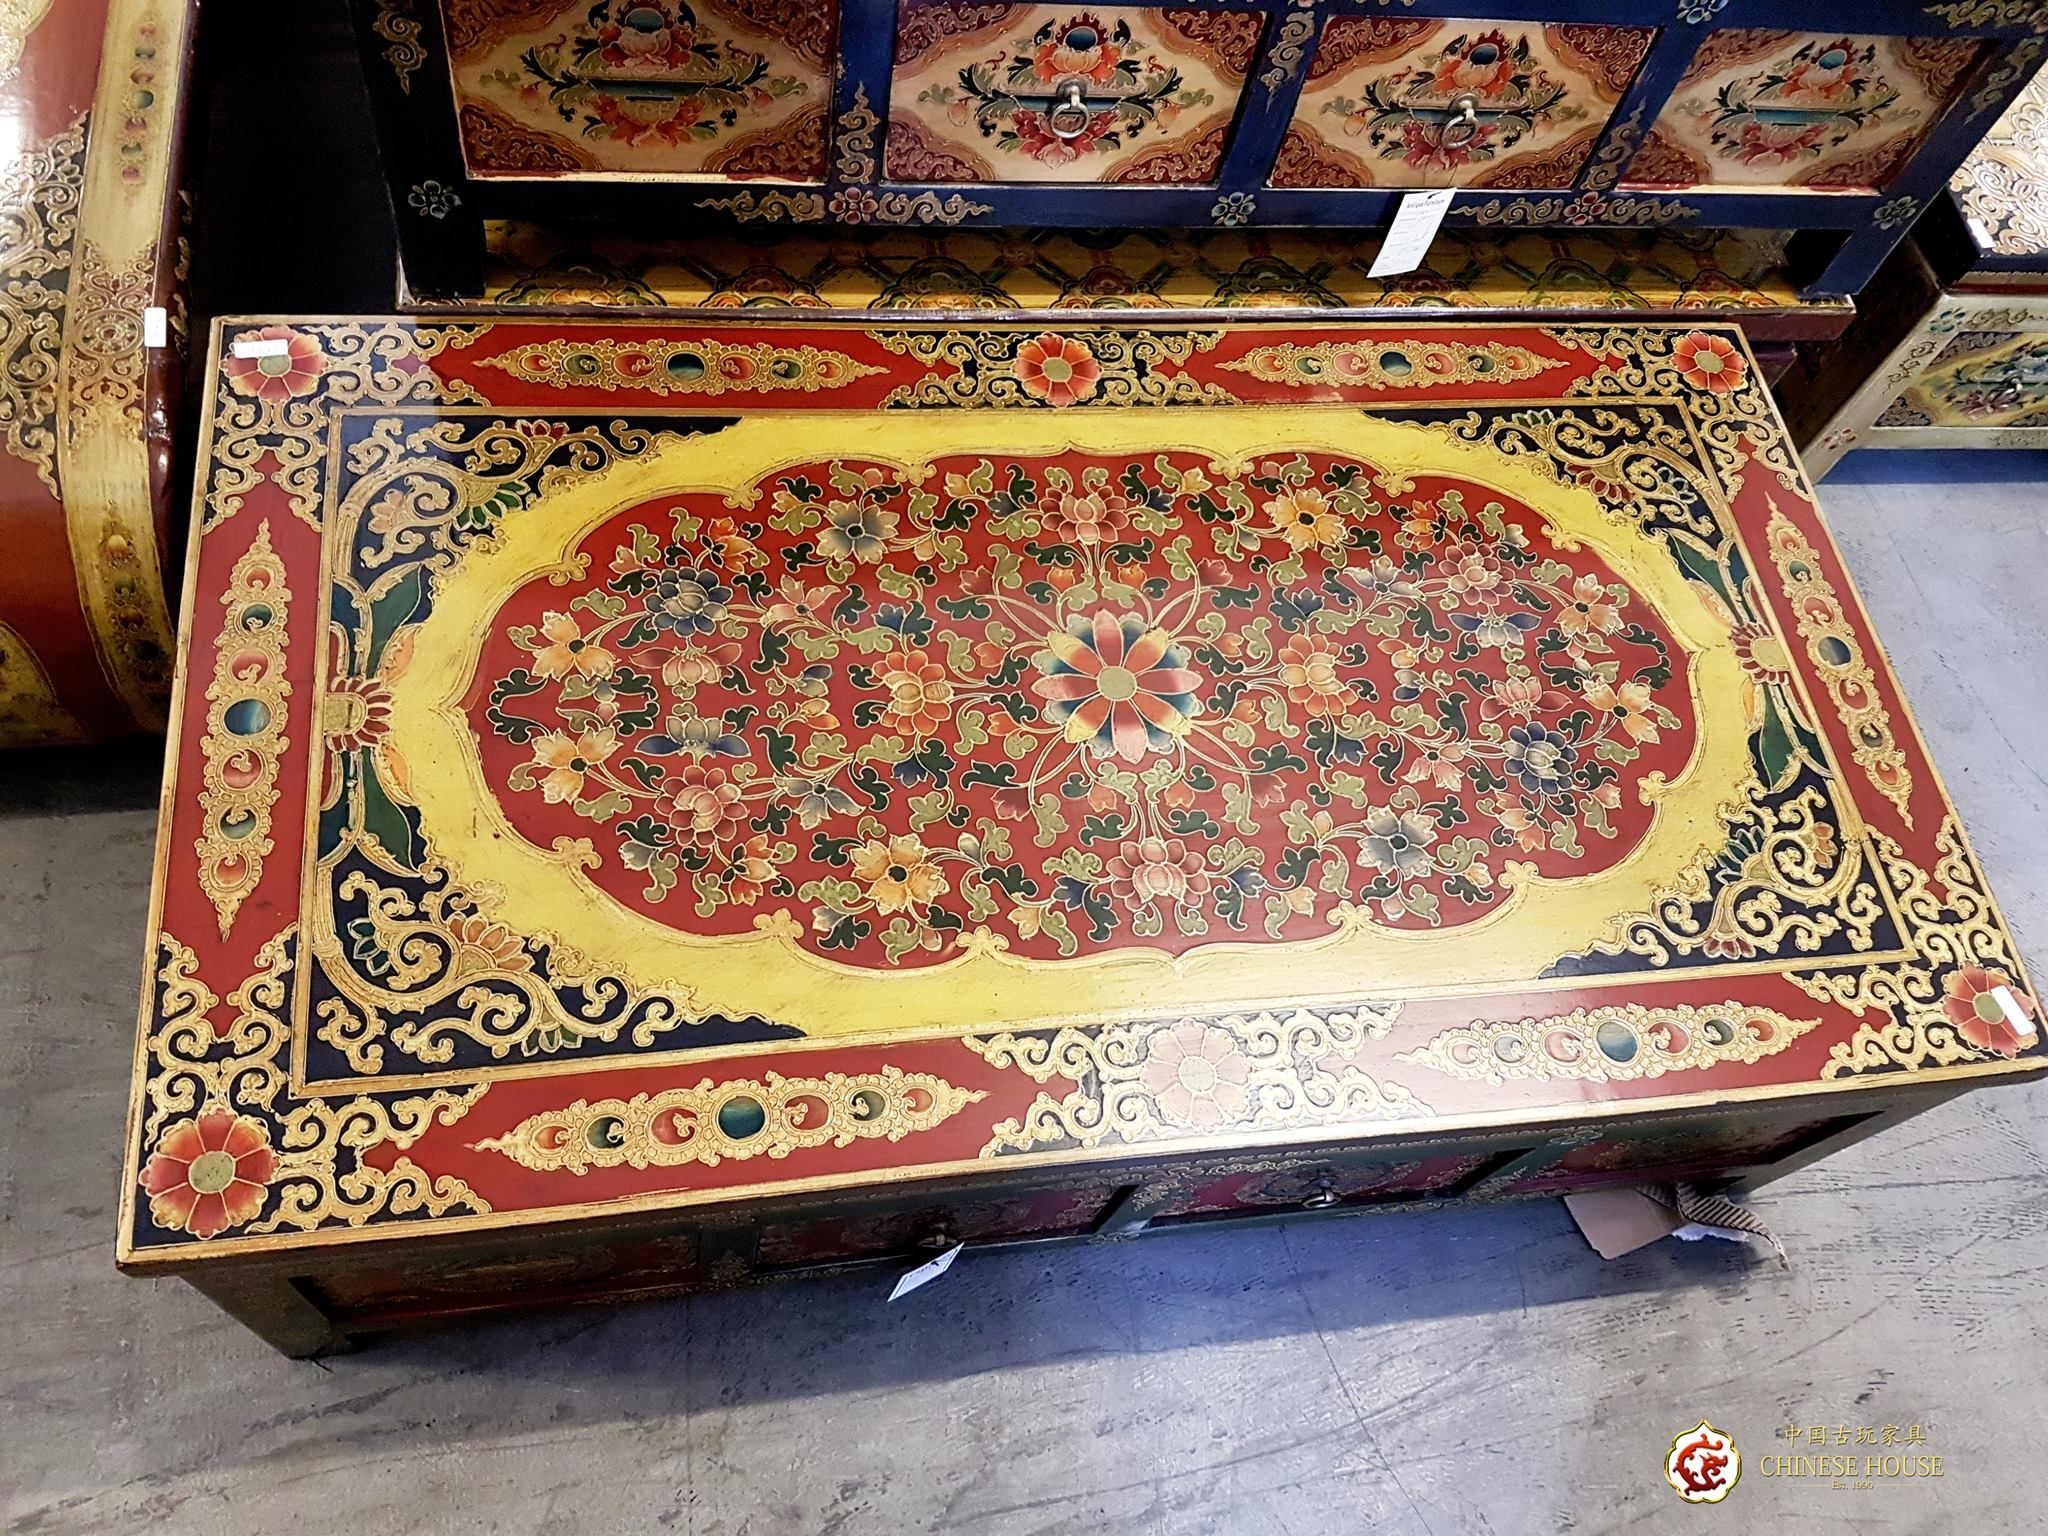 😍😍 โต๊ะกาแฟโบราณ ศิลปะทิเบต💙 ขนาด กว้าง 134 ลึก 73 สูง 40 ซม